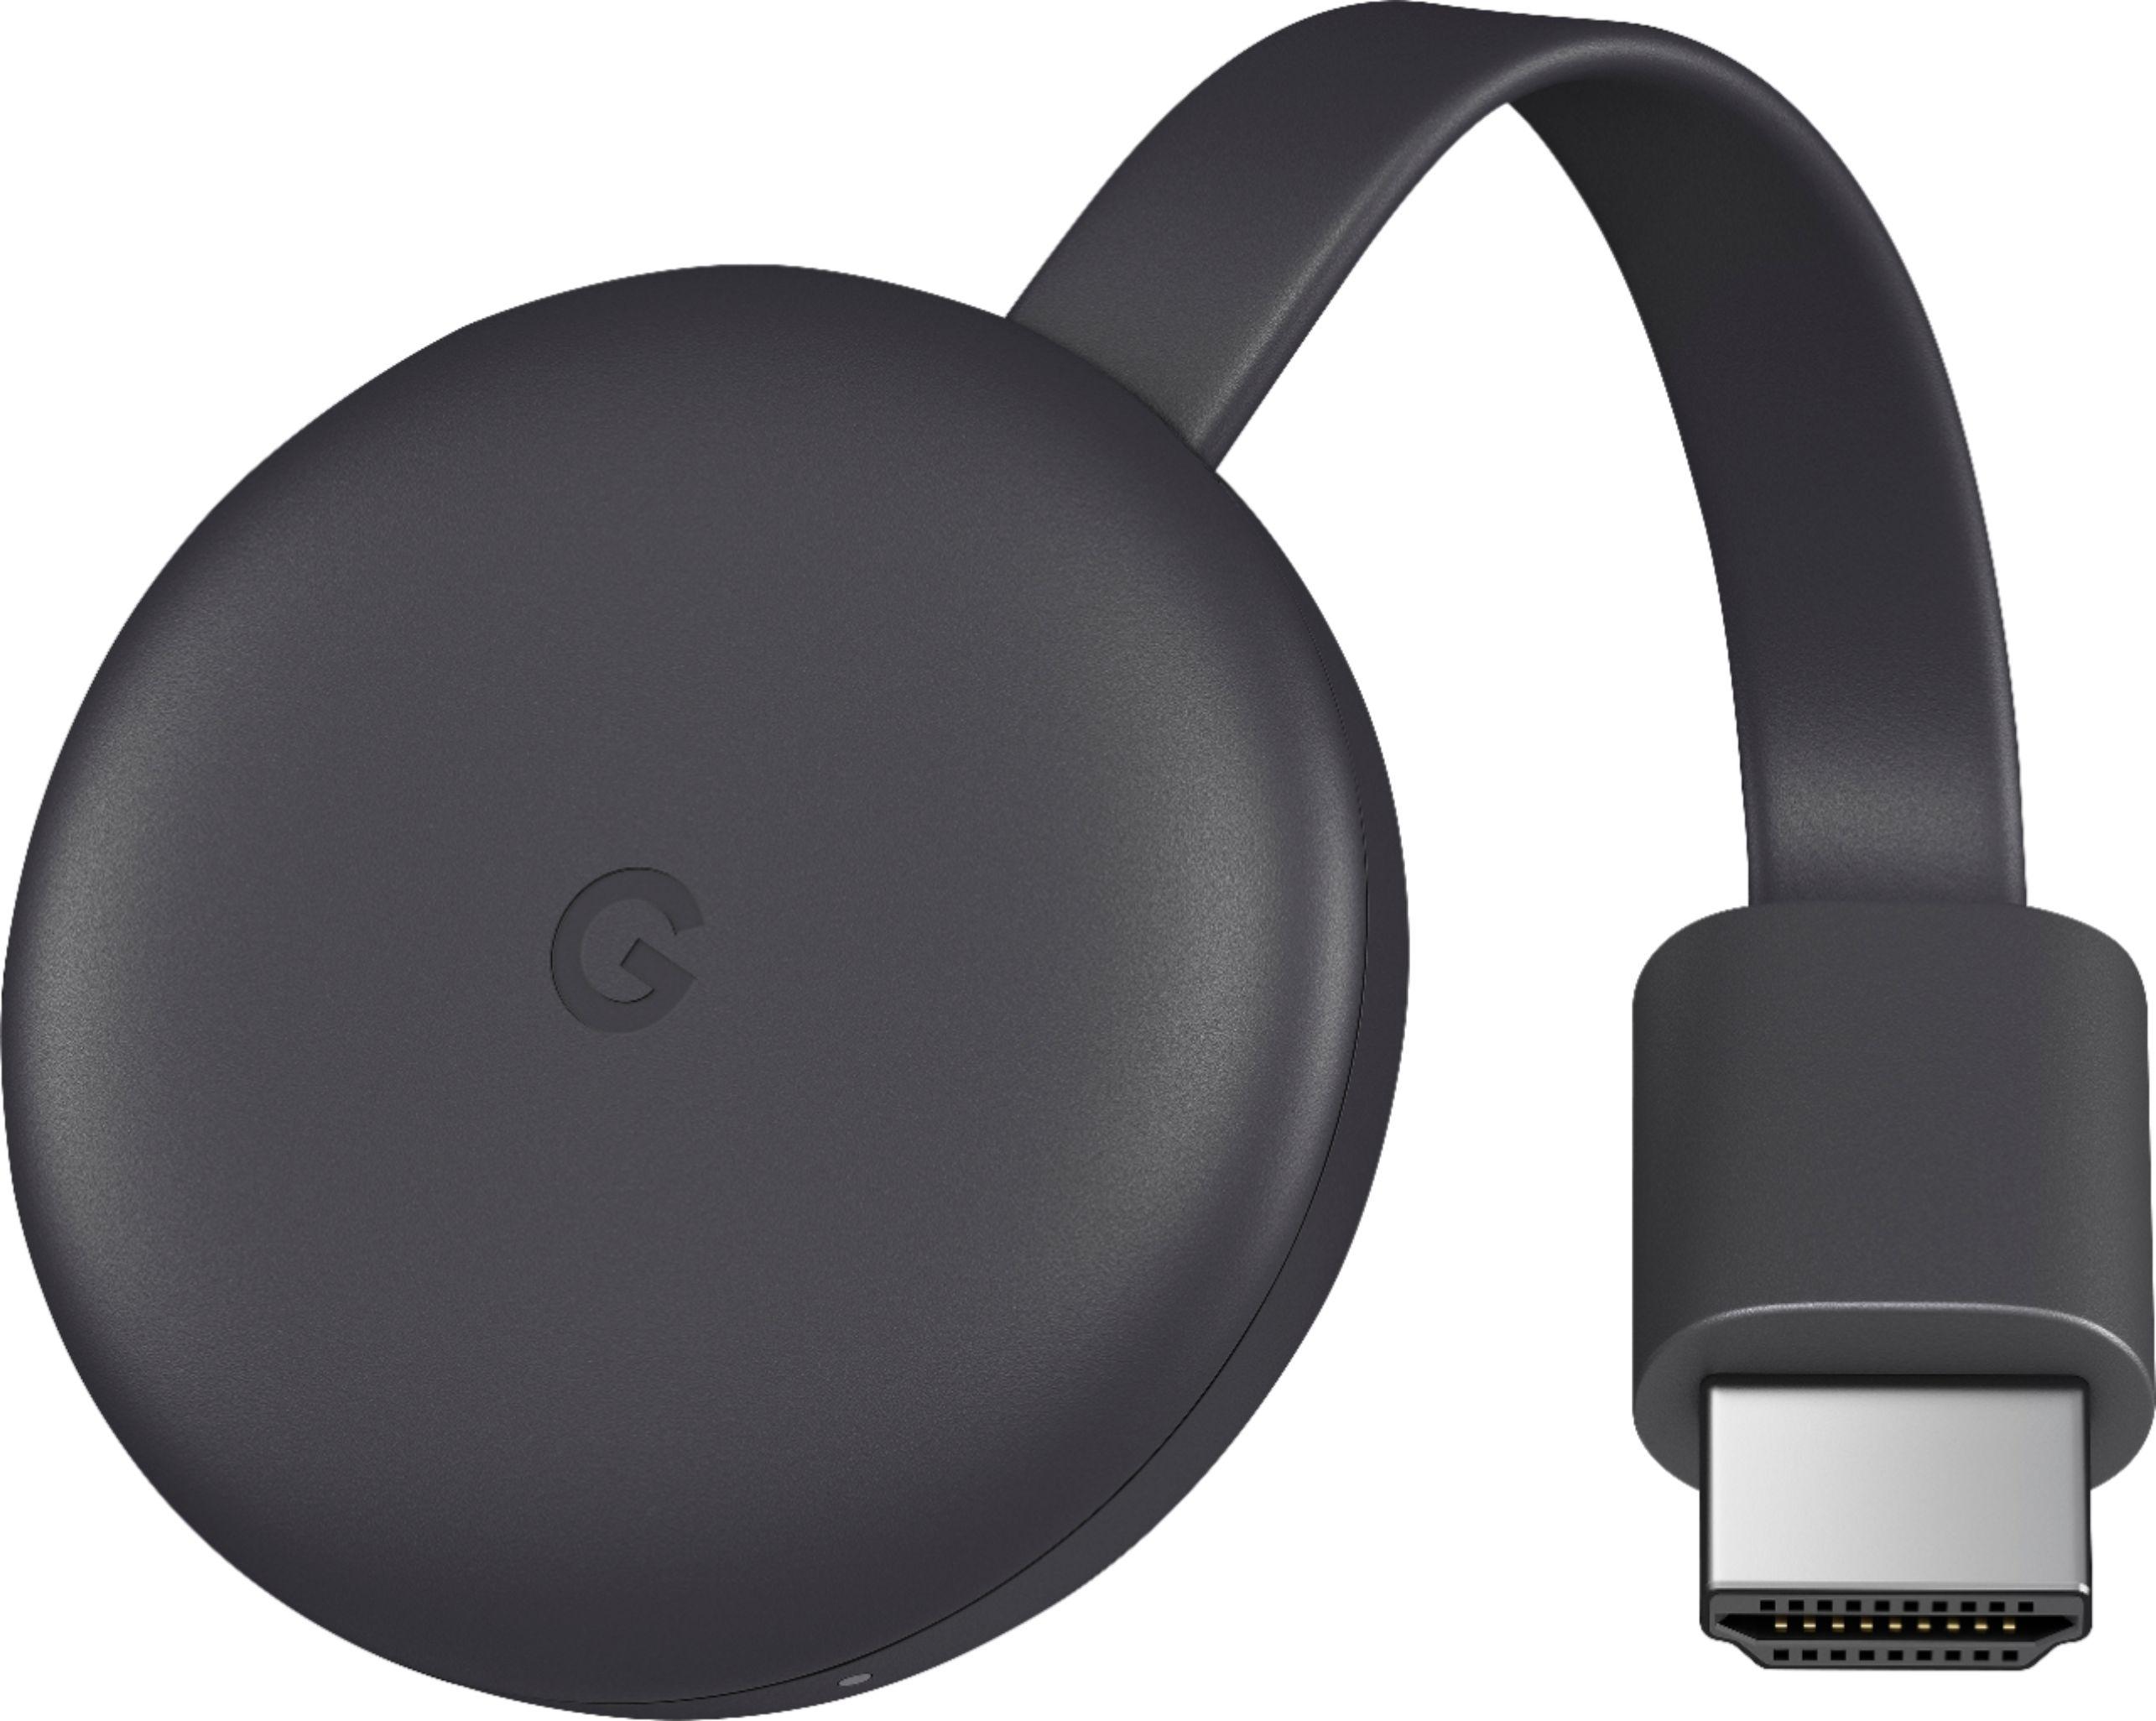 جهاز بث الوسائط المتعددة جوجل كرومكاست 3 أسود